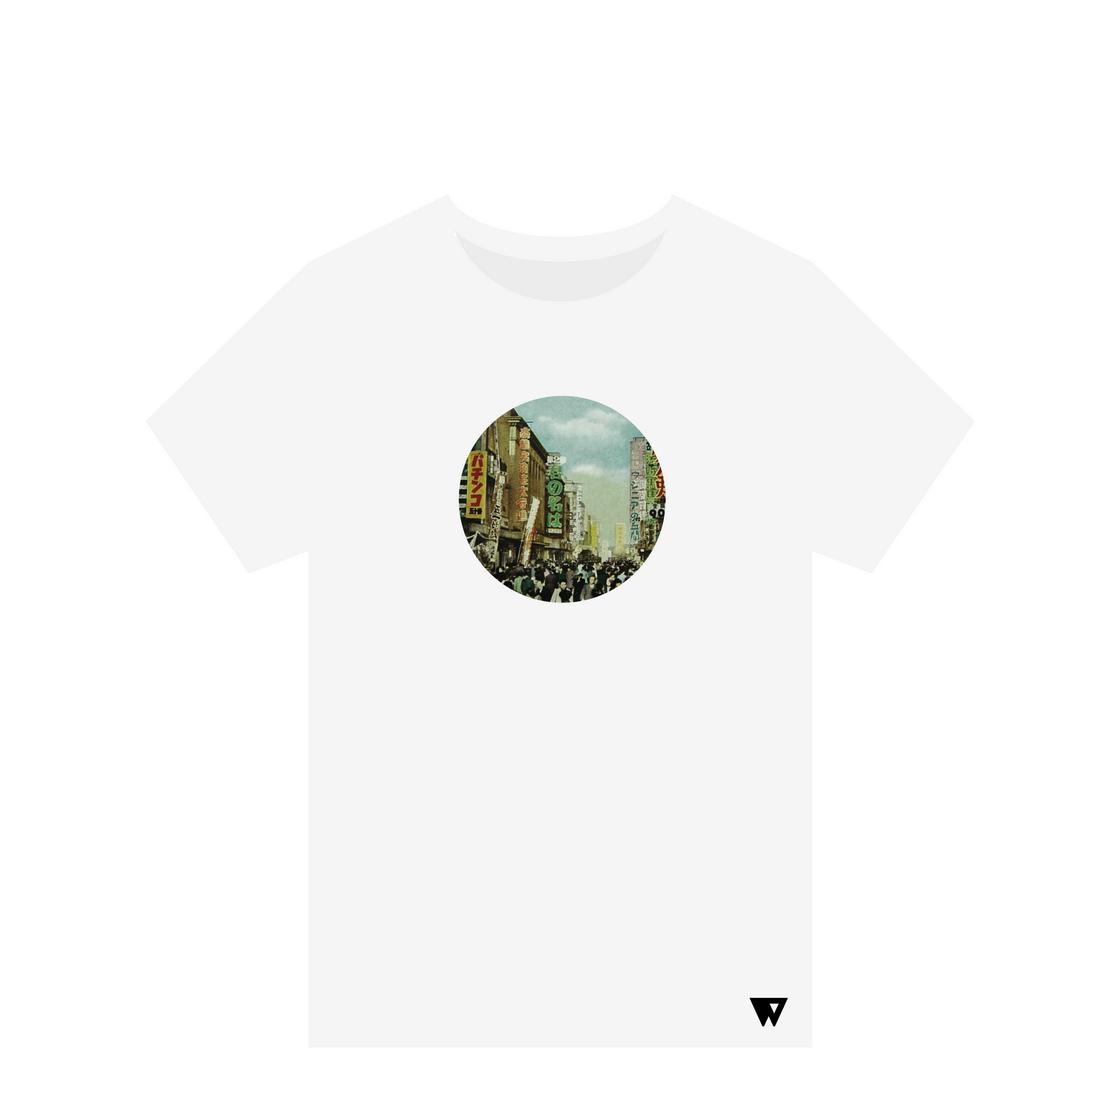 T-Shirt Retro China | Wuzzee